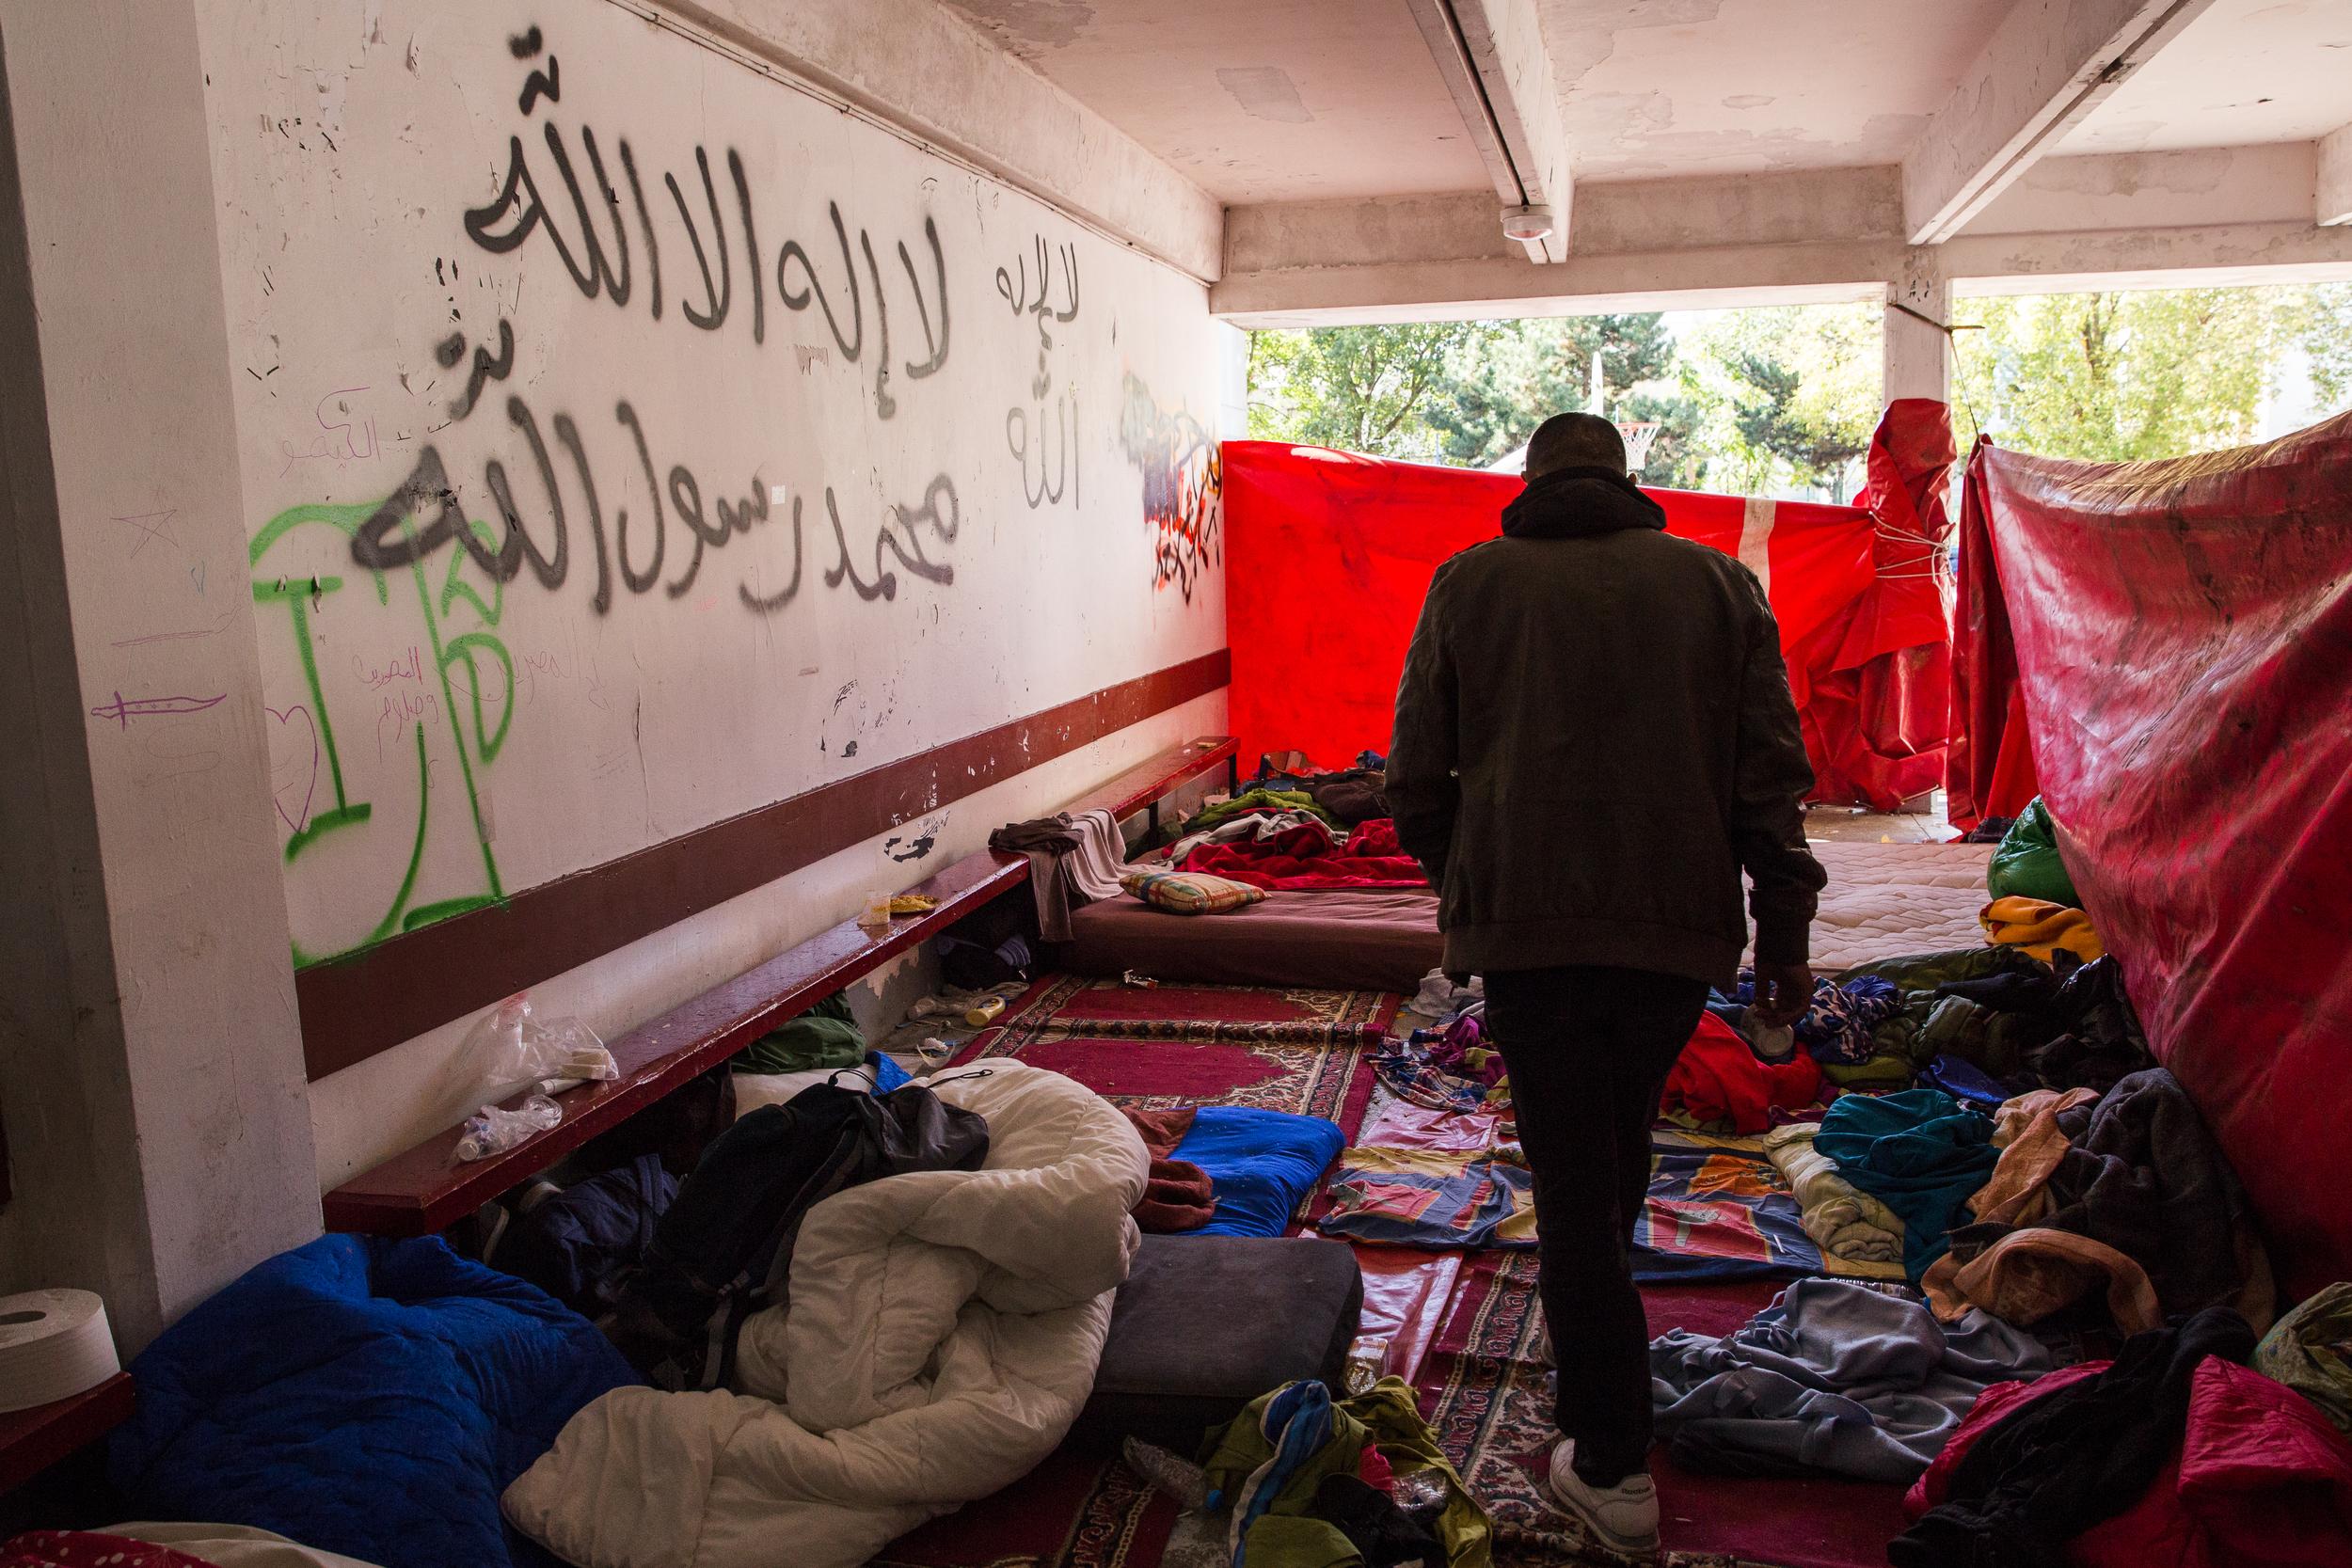 تم إنشاء أماكن مؤقتة للنوم في الداخل والخارج بسبب وجود عدد كبير من الناس هنا